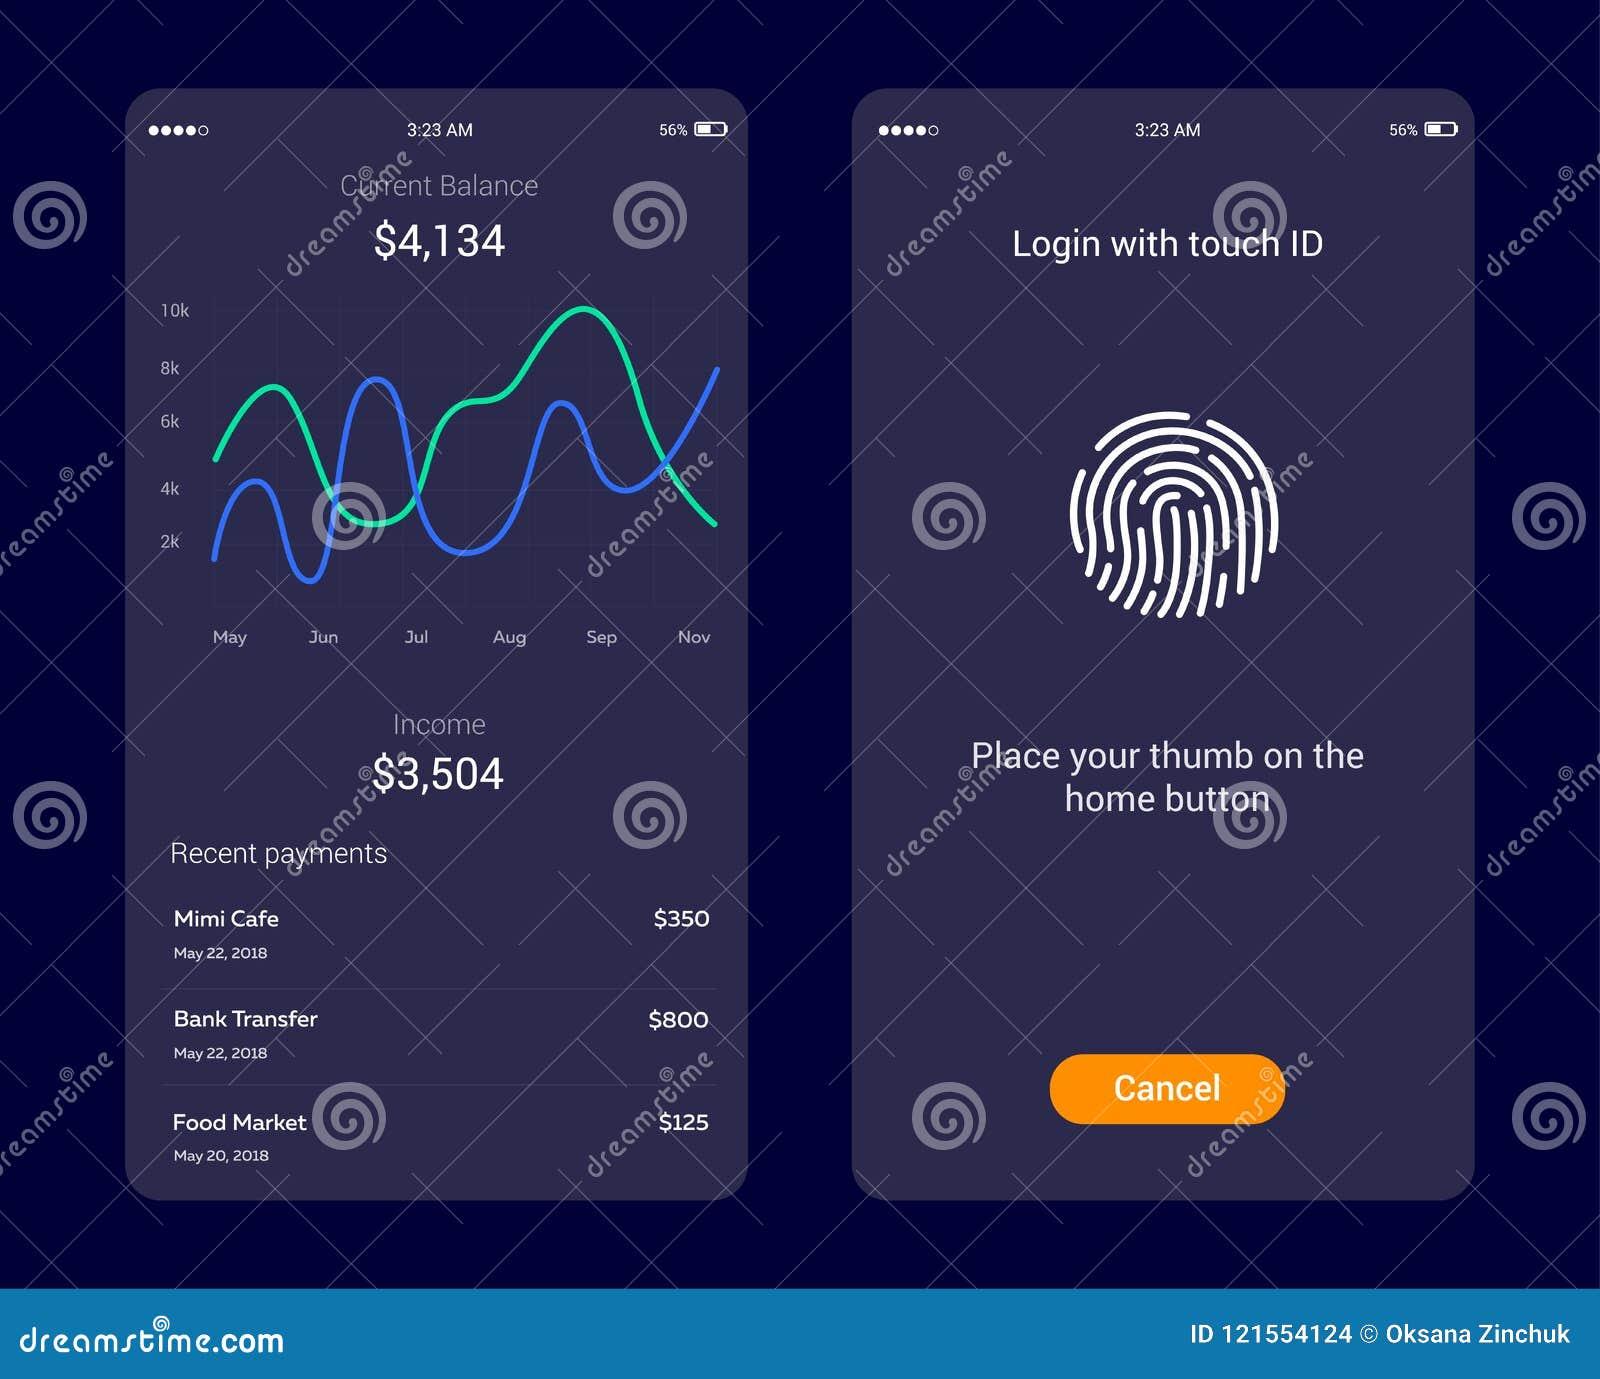 Identifikations-Anwendung mit Ikone des Fingerabdruckes und Diagramm schließen an Fingerabdruckvektorikone Logonfingerabdruck, Sc